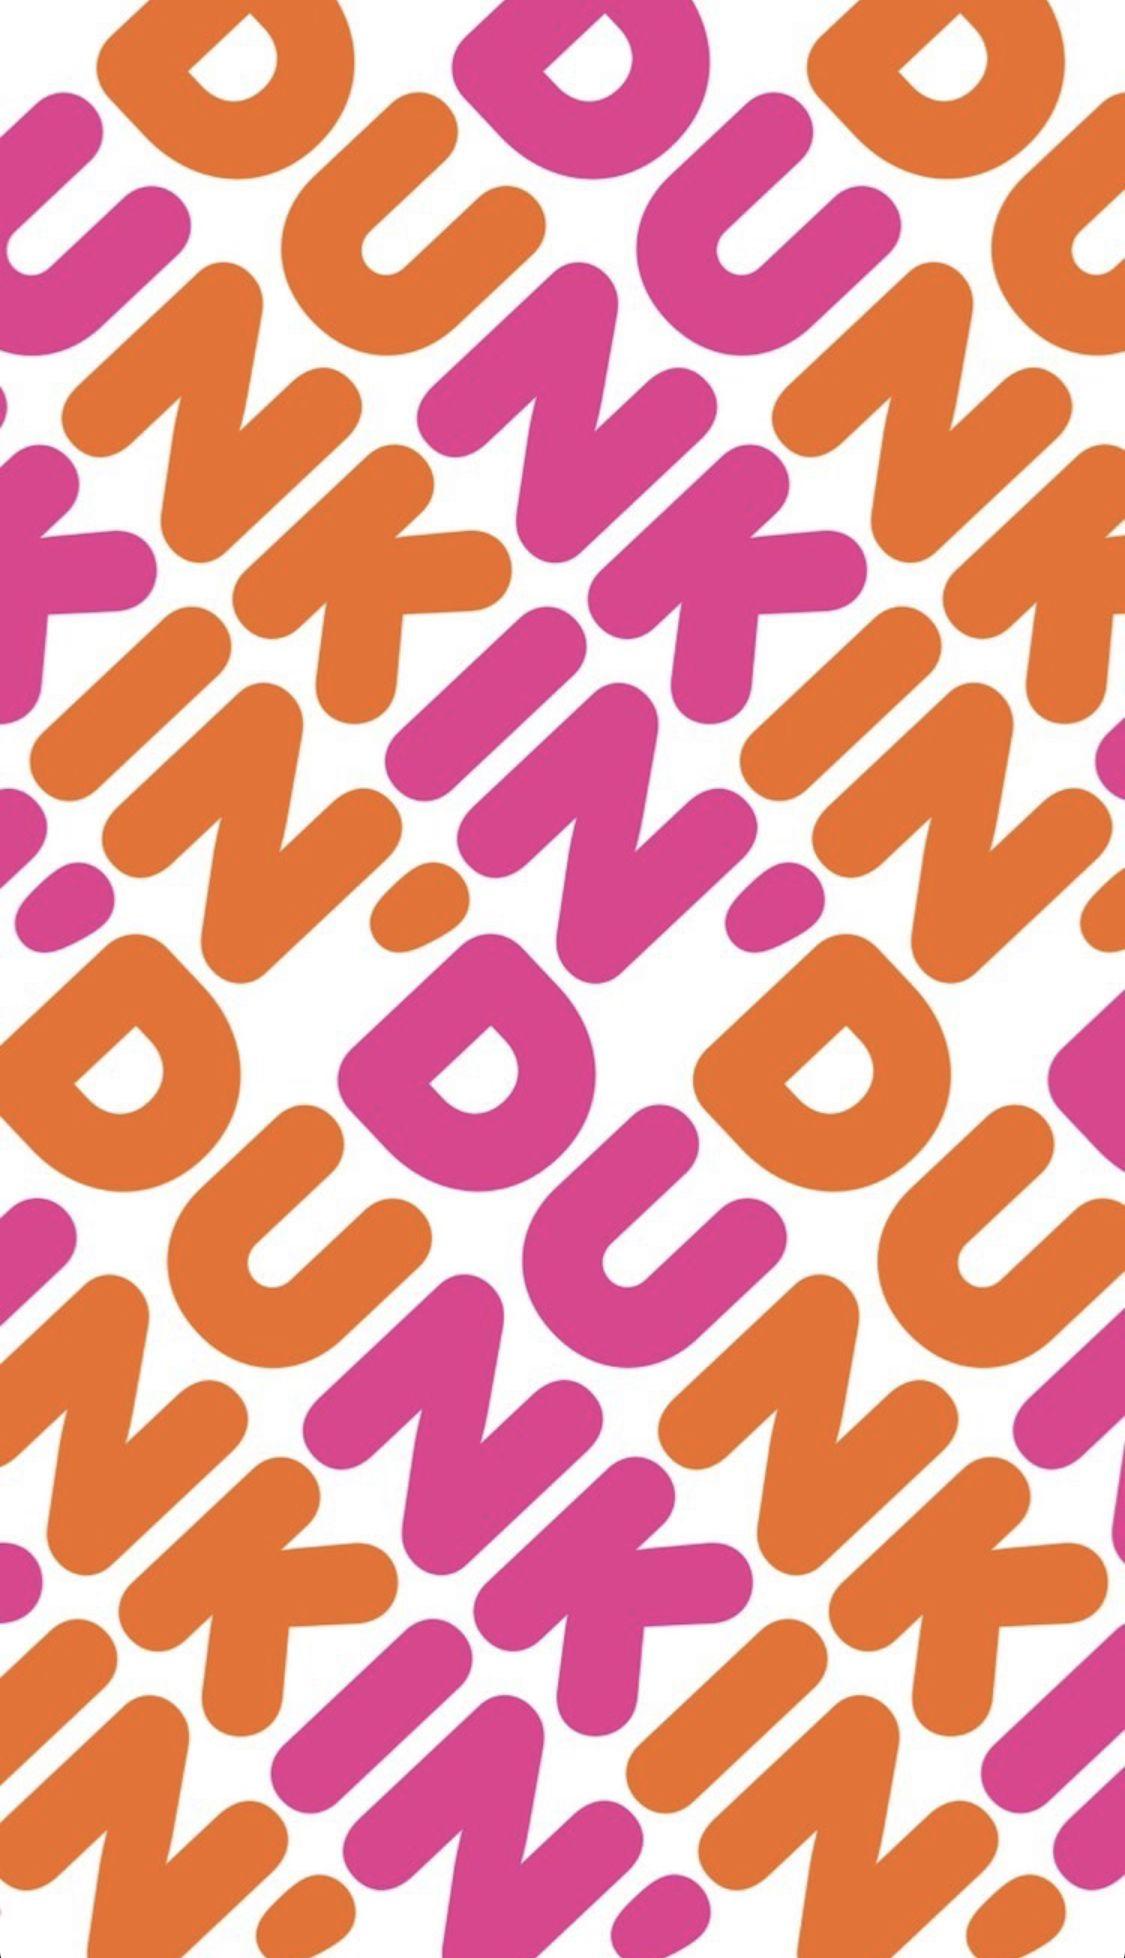 Dunkin Wallpaper Starbucks Wallpaper Wallpaper Iphone Summer Cute Patterns Wallpaper